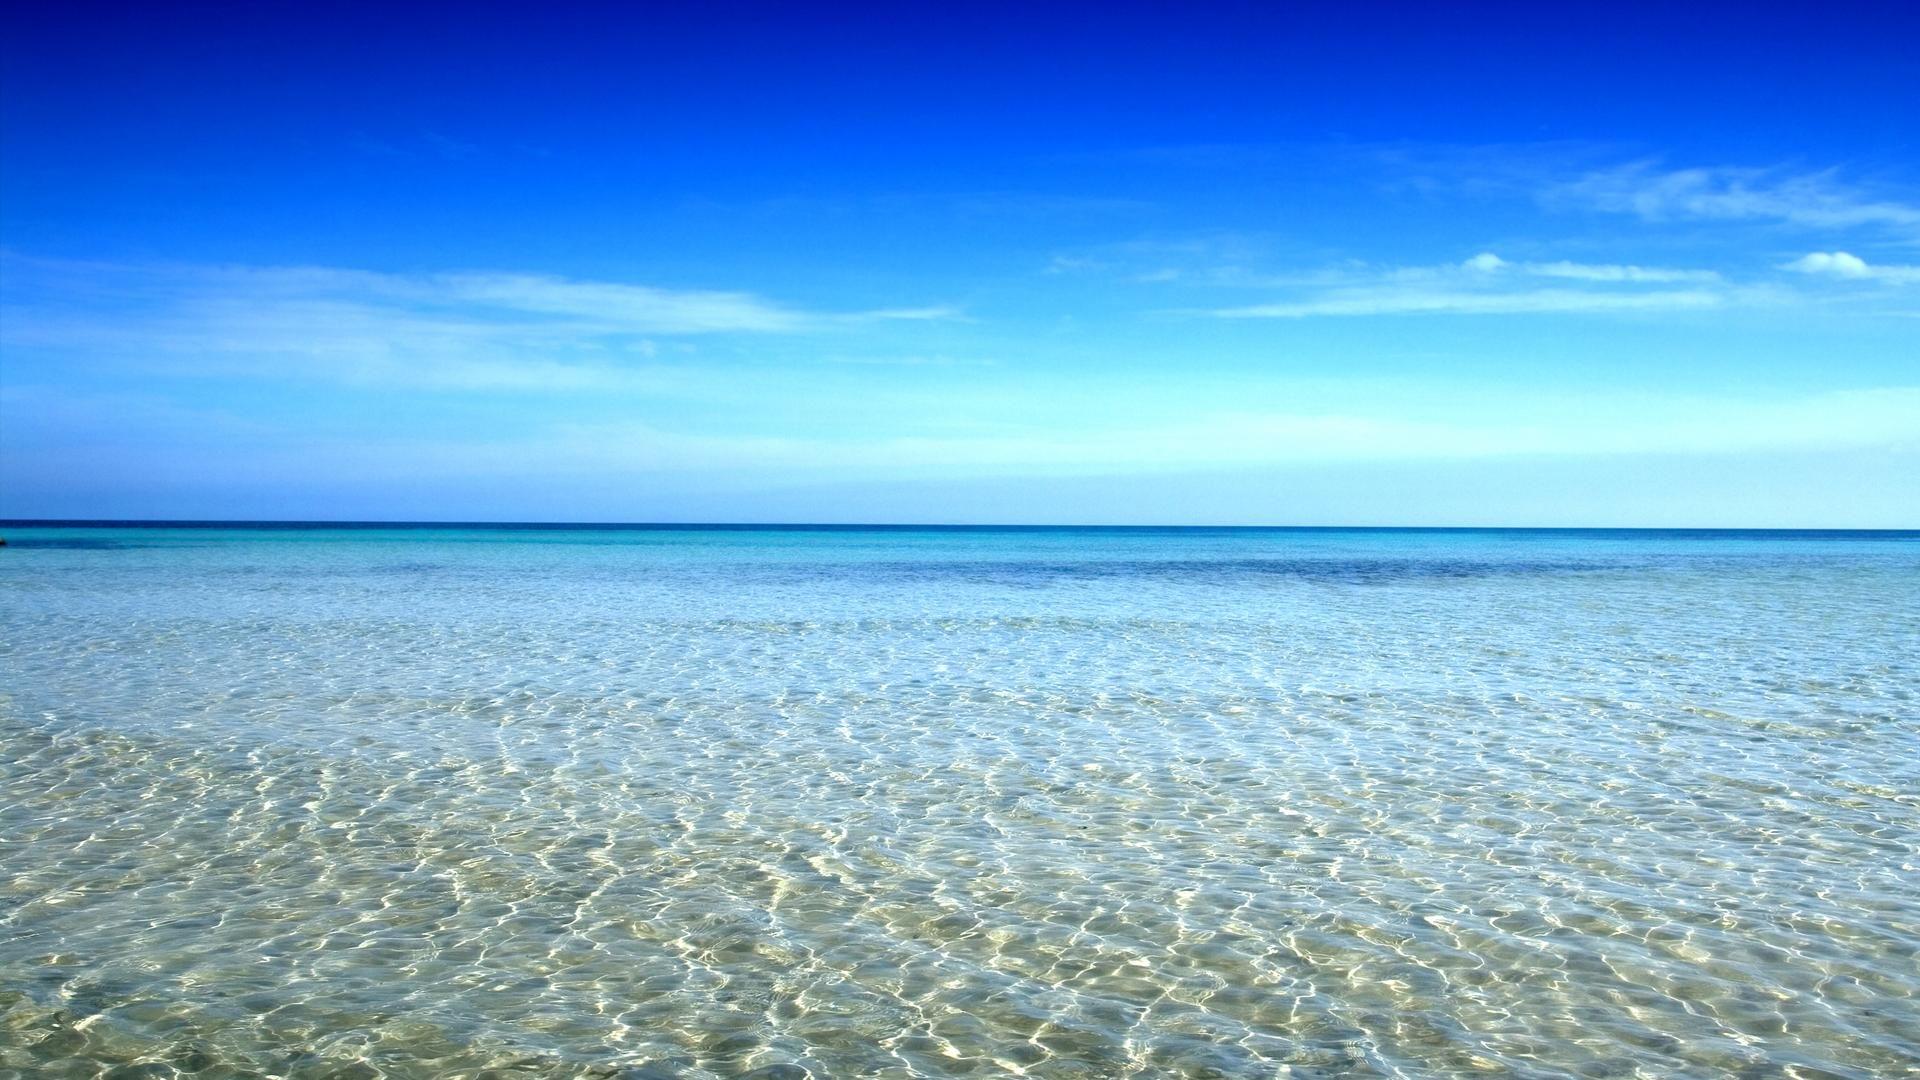 Ocean HD 1920x1080 Desktop nexus best Pinterest